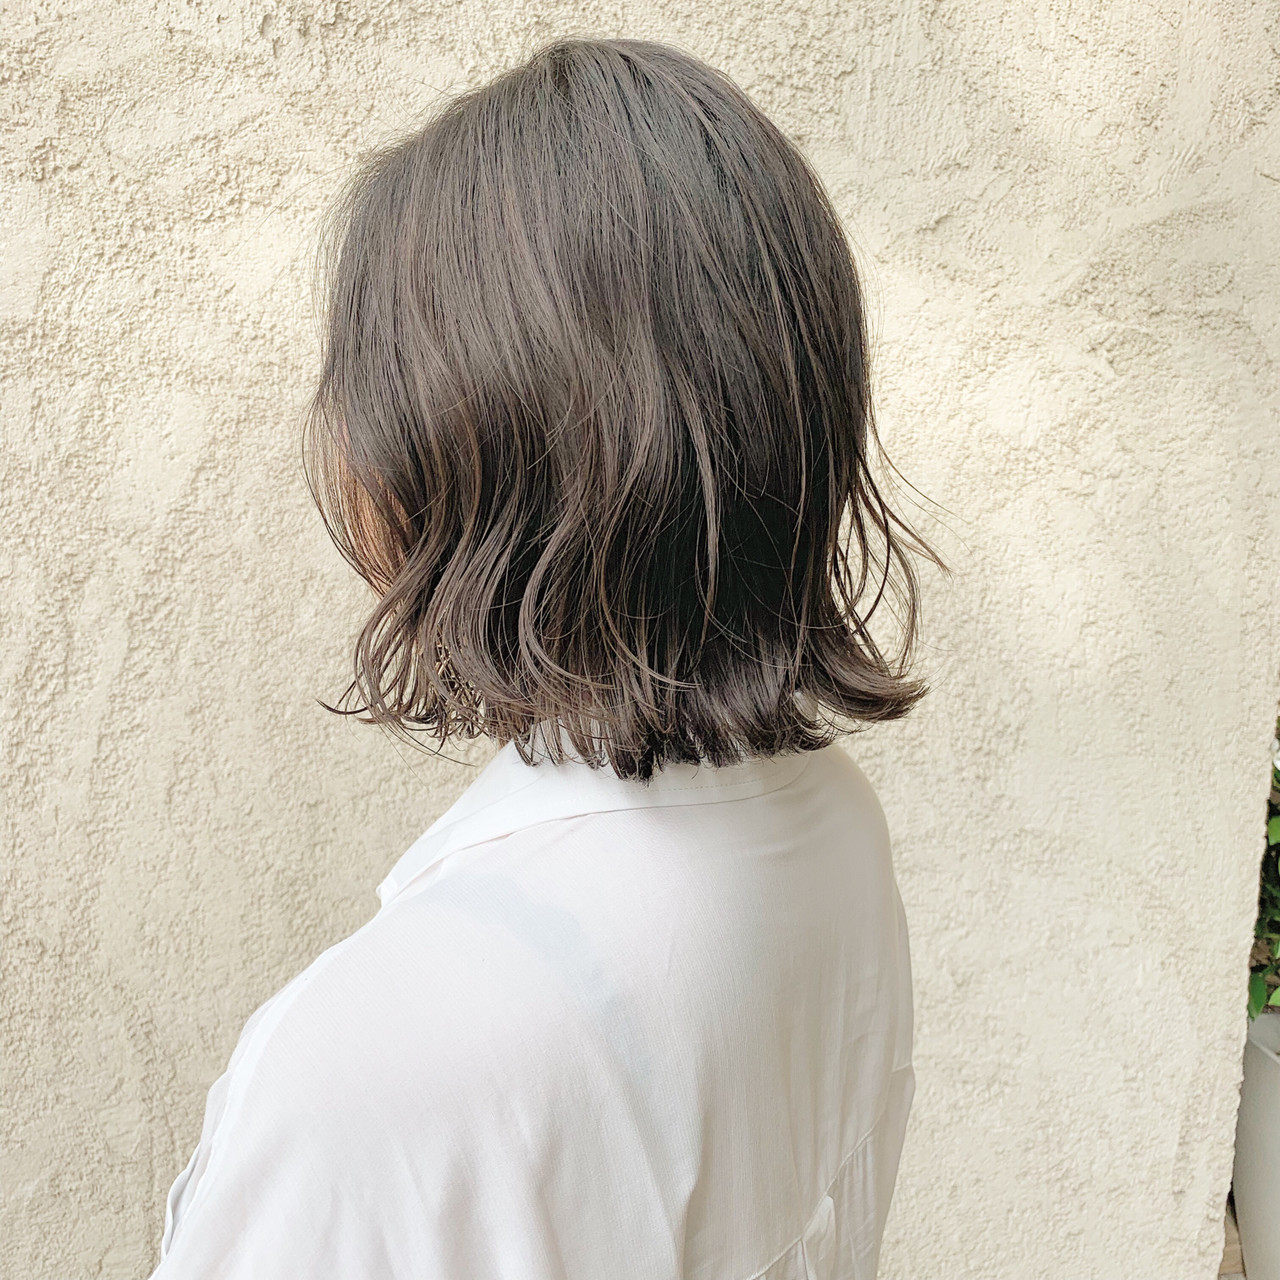 3Dハイライト ナチュラル グレージュ ハイライト ヘアスタイルや髪型の写真・画像   川口楓也 / ISM 南青山店